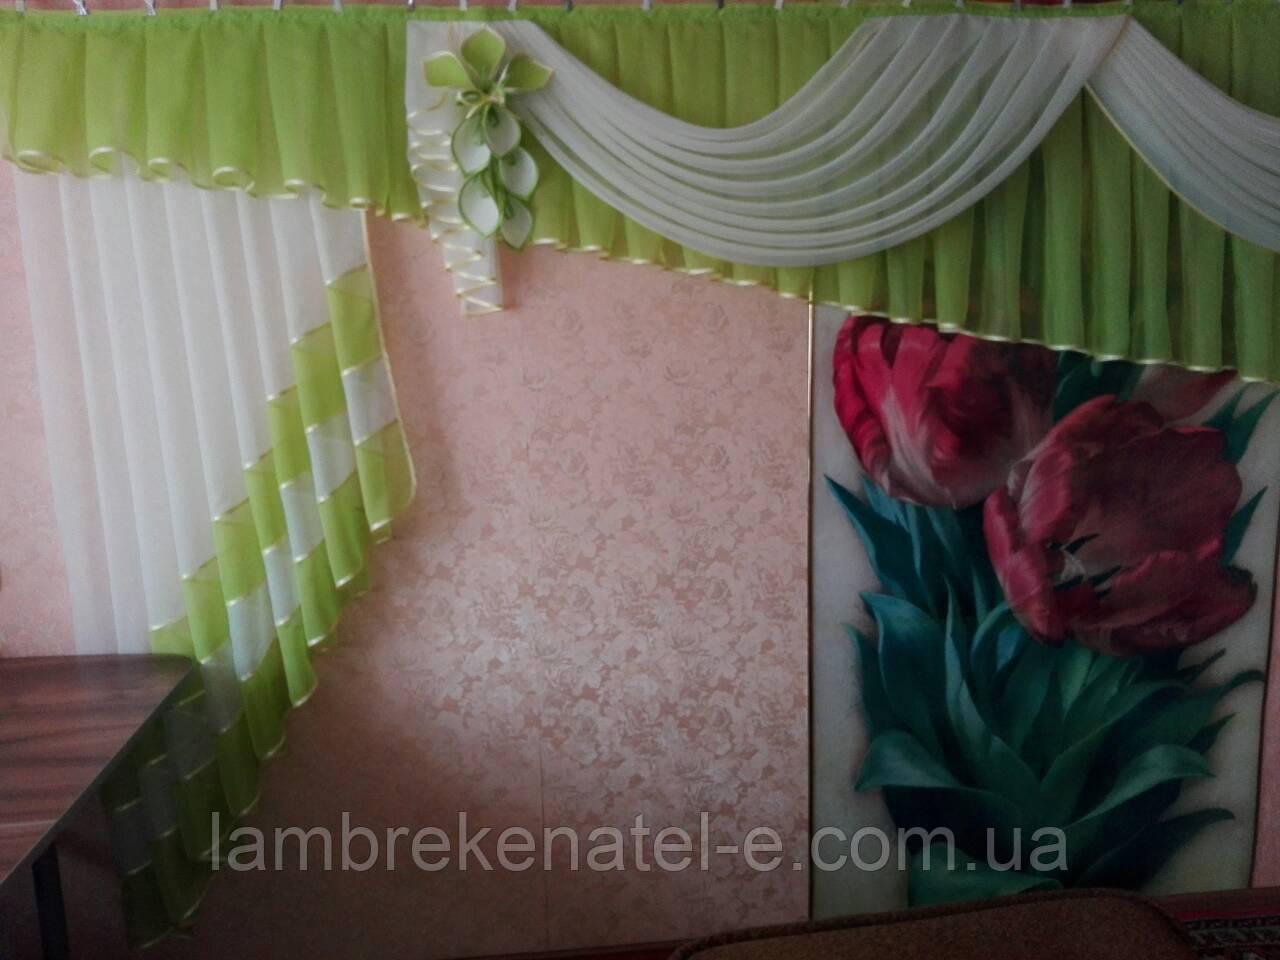 Ламбрекен в зал салатовый